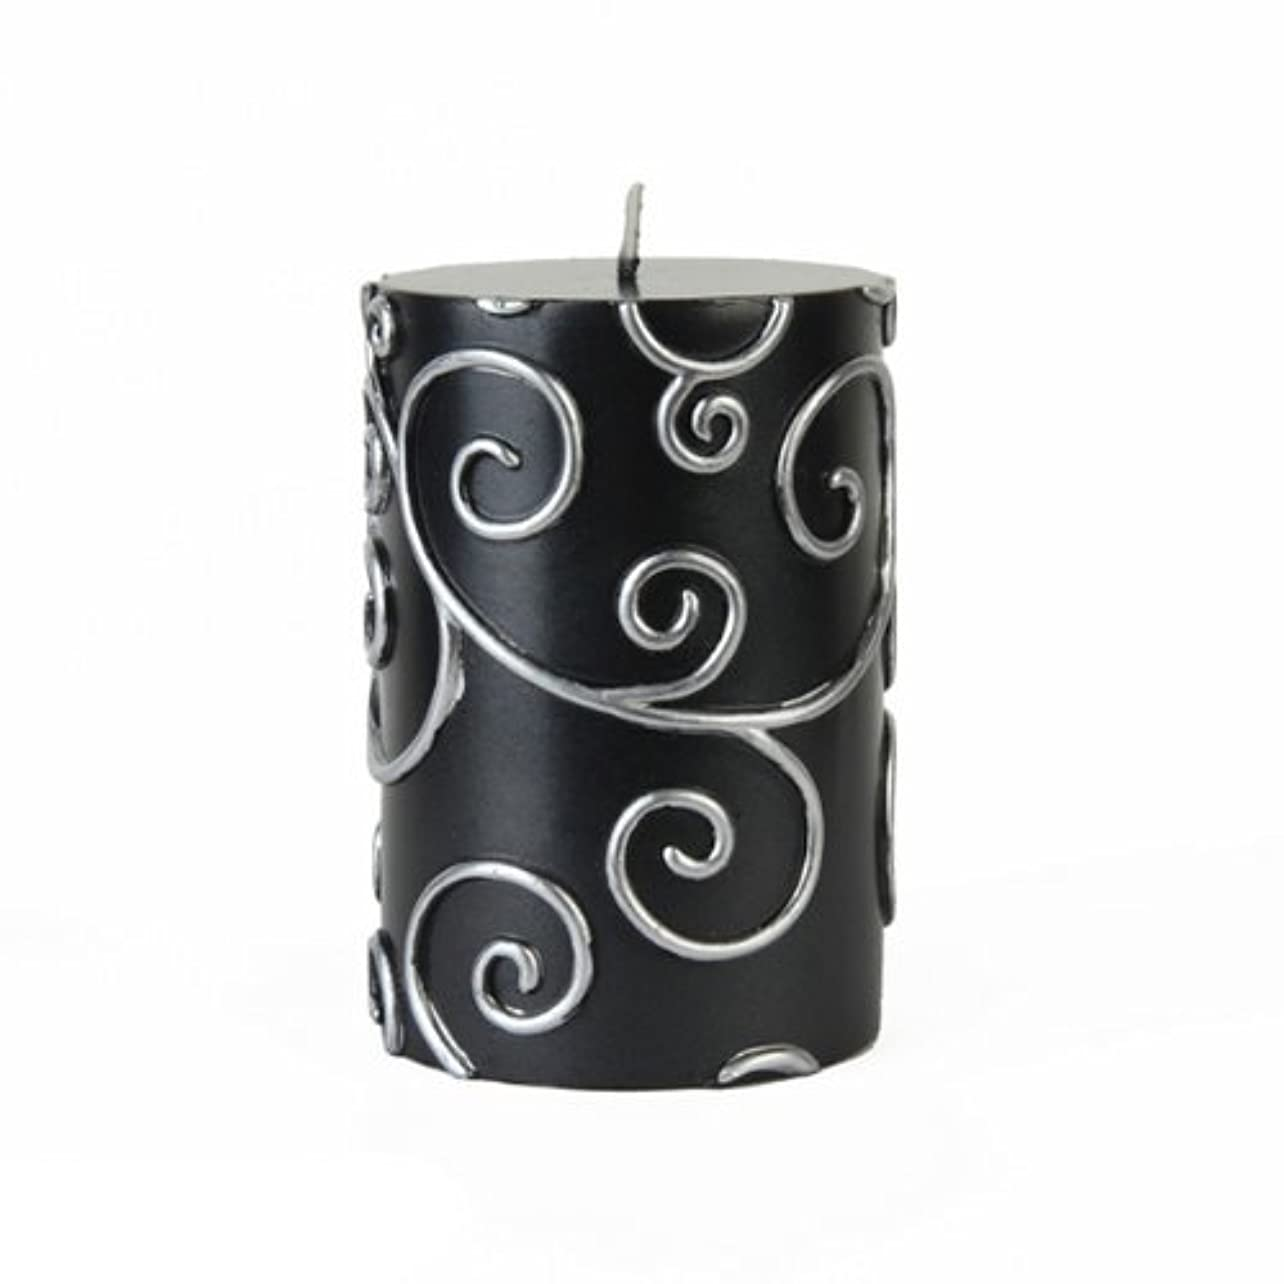 ドメイン意味する算術Zest Candle CPS-001_12 12-Piece Scroll Pillar Candle, 3' x 4', Black [並行輸入品]